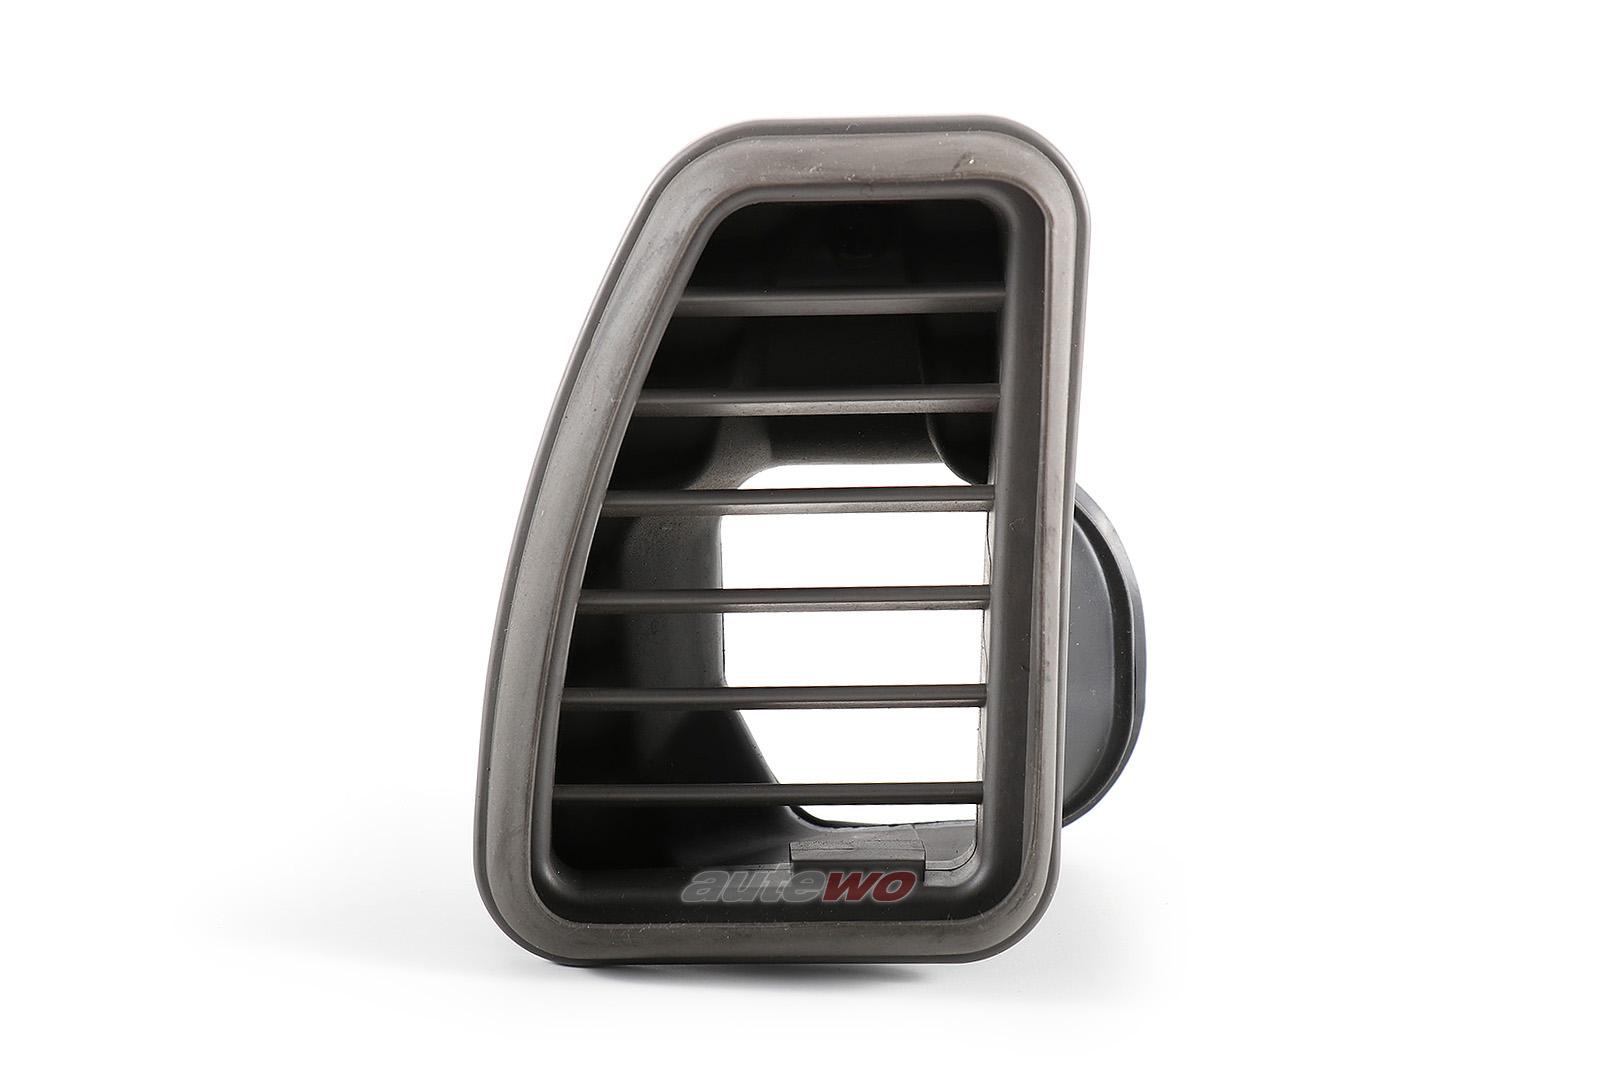 4D0857481 Audi A8/S8 D2 Rechts Luftdüse Armaturenbrett Links grau